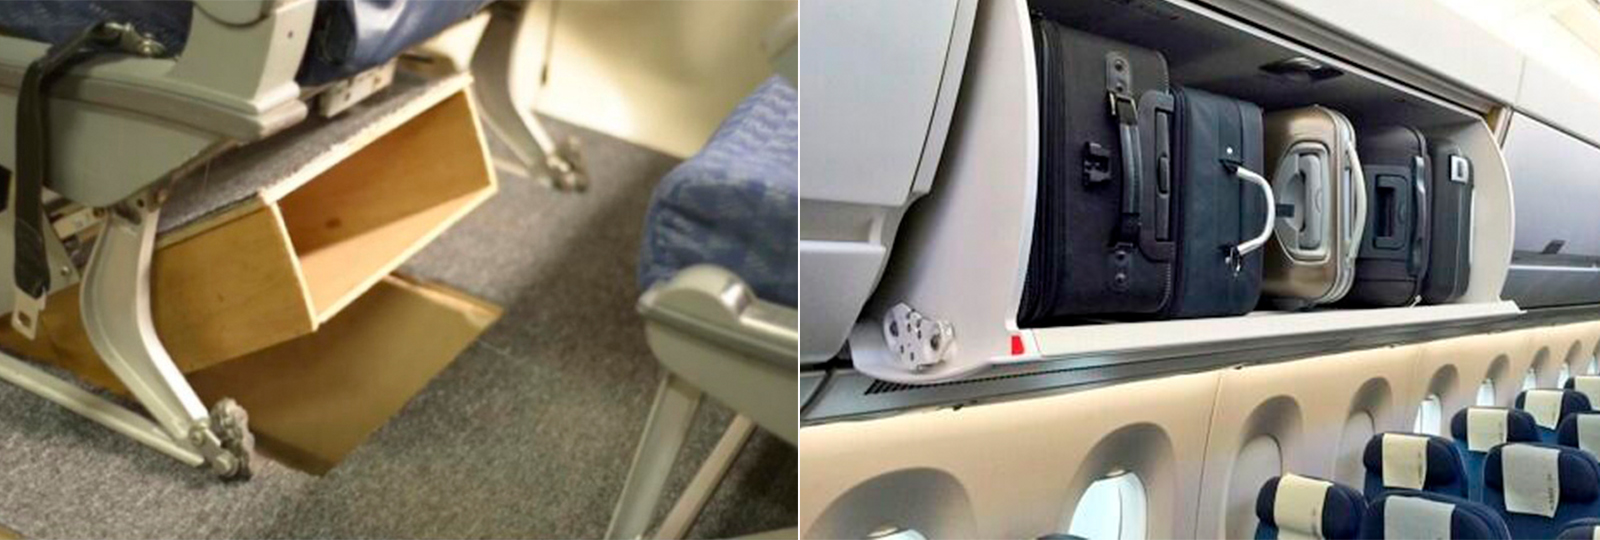 Estudantes criam genial compartimento de bagagem sob assento do avião